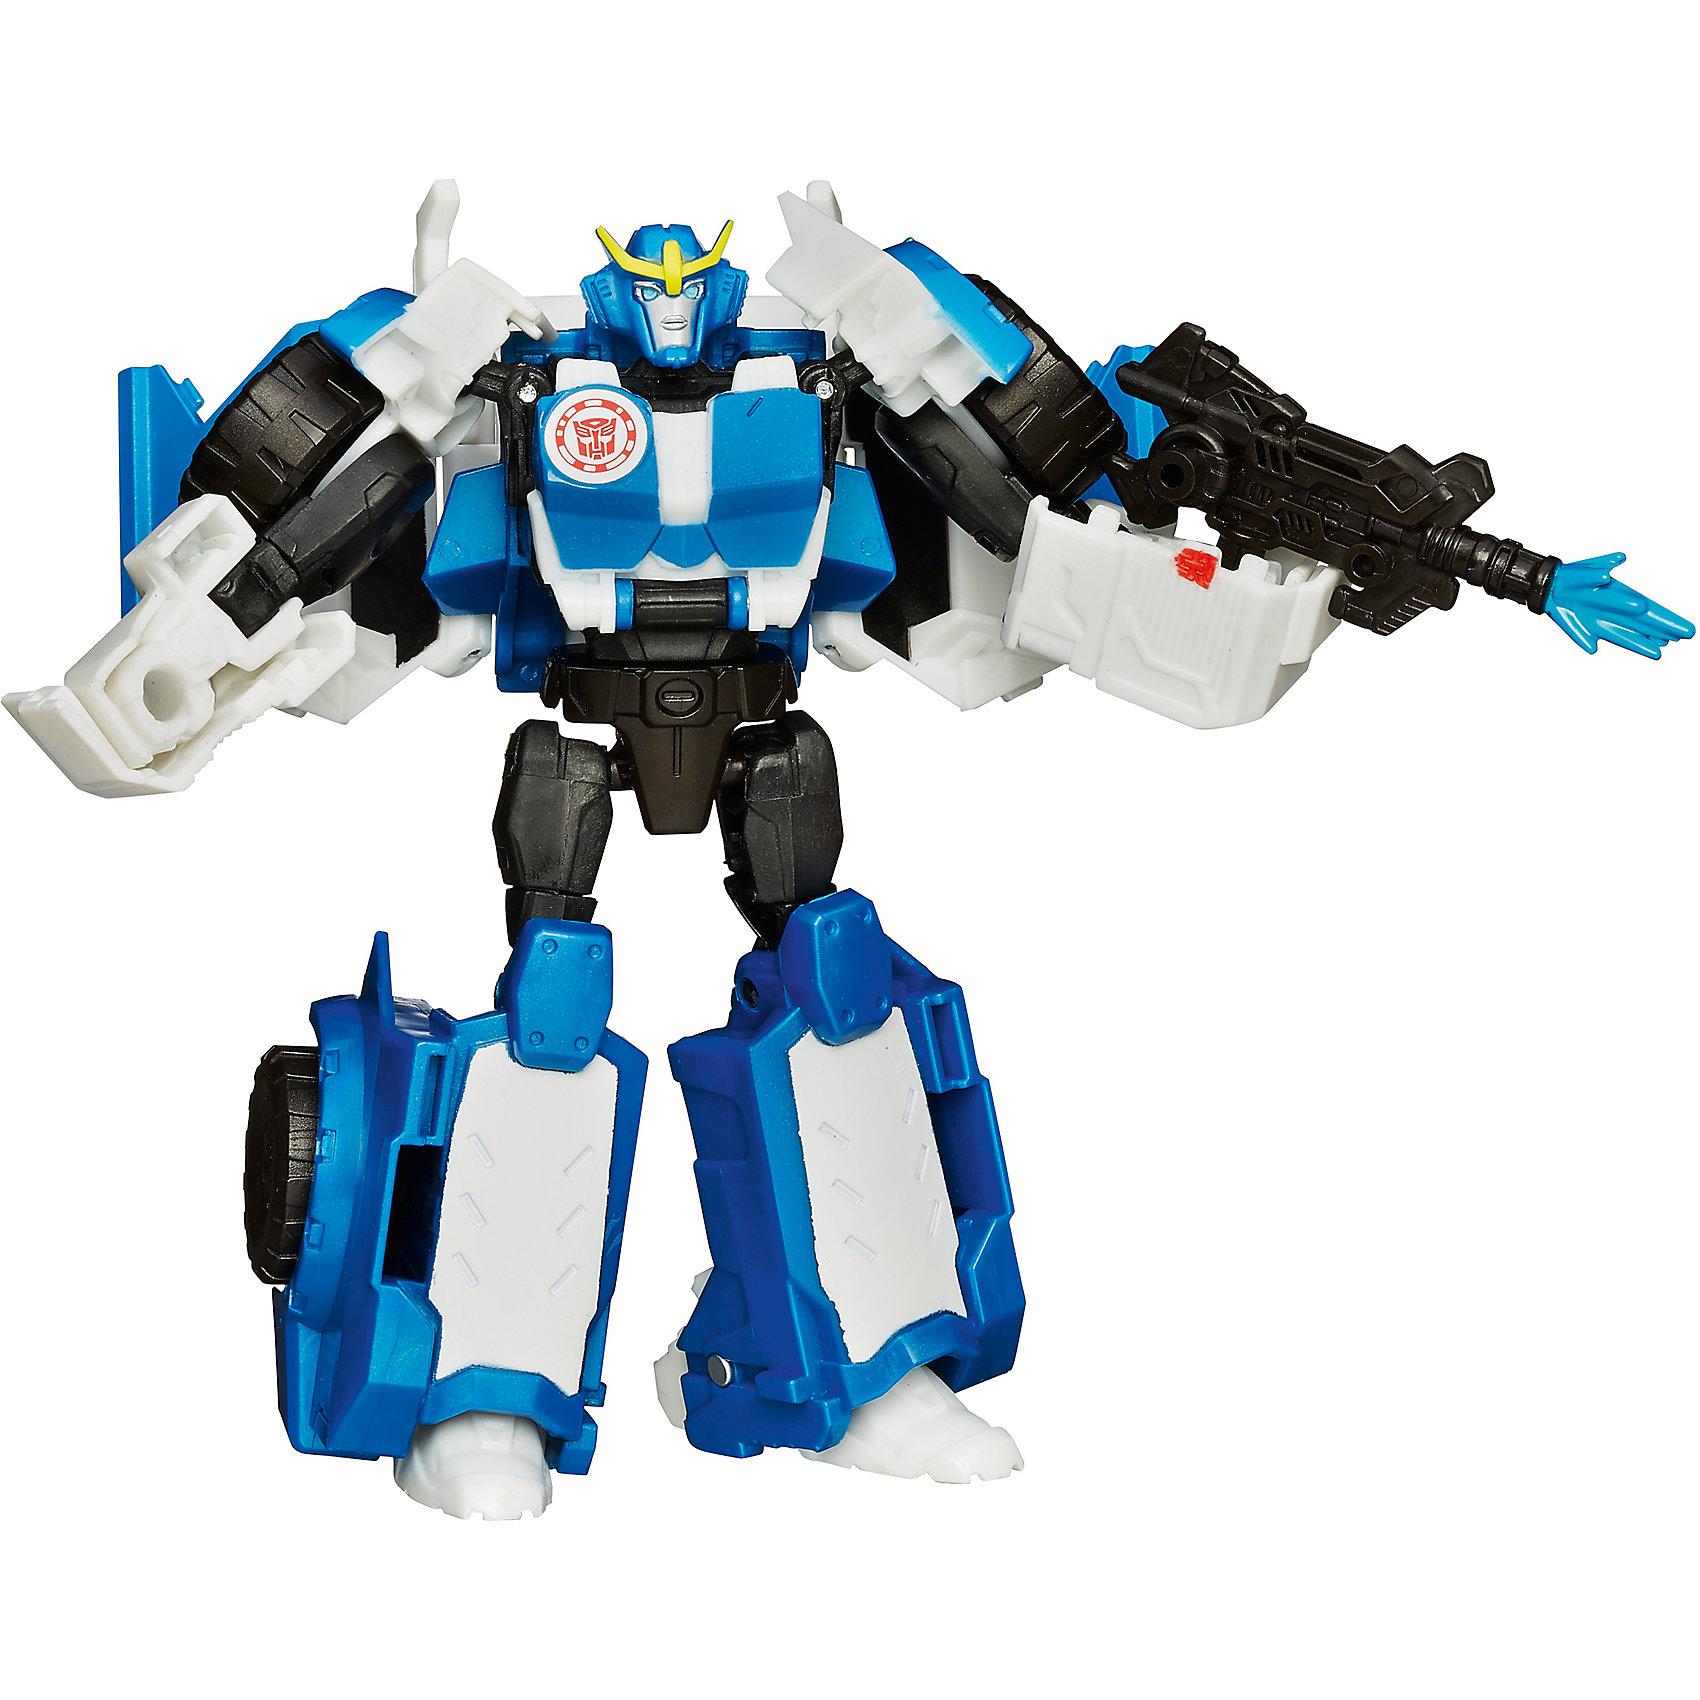 Cтронгарм, Роботс-ин-Дисгайс  Войны, ТрансформерыИгрушки<br>Любимый персонаж Стронгарм прекрасно  умеет атаковать противника. Трансформируется в полицейский джип. Высокий уровень детализации и  увлекательная трансформация в 8 шагов обязательно понравятся вашему ребенку. Эта игрушка не только понравится всем мальчишкам, она поможет развить мелкую моторику, внимание и фантазию ребенка. Выполнена из высококачественного прочного пластика, безопасного для детей.<br><br>Дополнительная информация:<br><br>- Материал: пластик.<br>- Размер: 12 см. <br>- Оружие в комплекте. <br><br>Cтронгарма, Роботс-ин-Дисгайс  Войны, Трансформеры (Transformers) можно купить в нашем магазине.<br><br>Ширина мм: 64<br>Глубина мм: 165<br>Высота мм: 254<br>Вес г: 290<br>Возраст от месяцев: 72<br>Возраст до месяцев: 192<br>Пол: Мужской<br>Возраст: Детский<br>SKU: 3971709